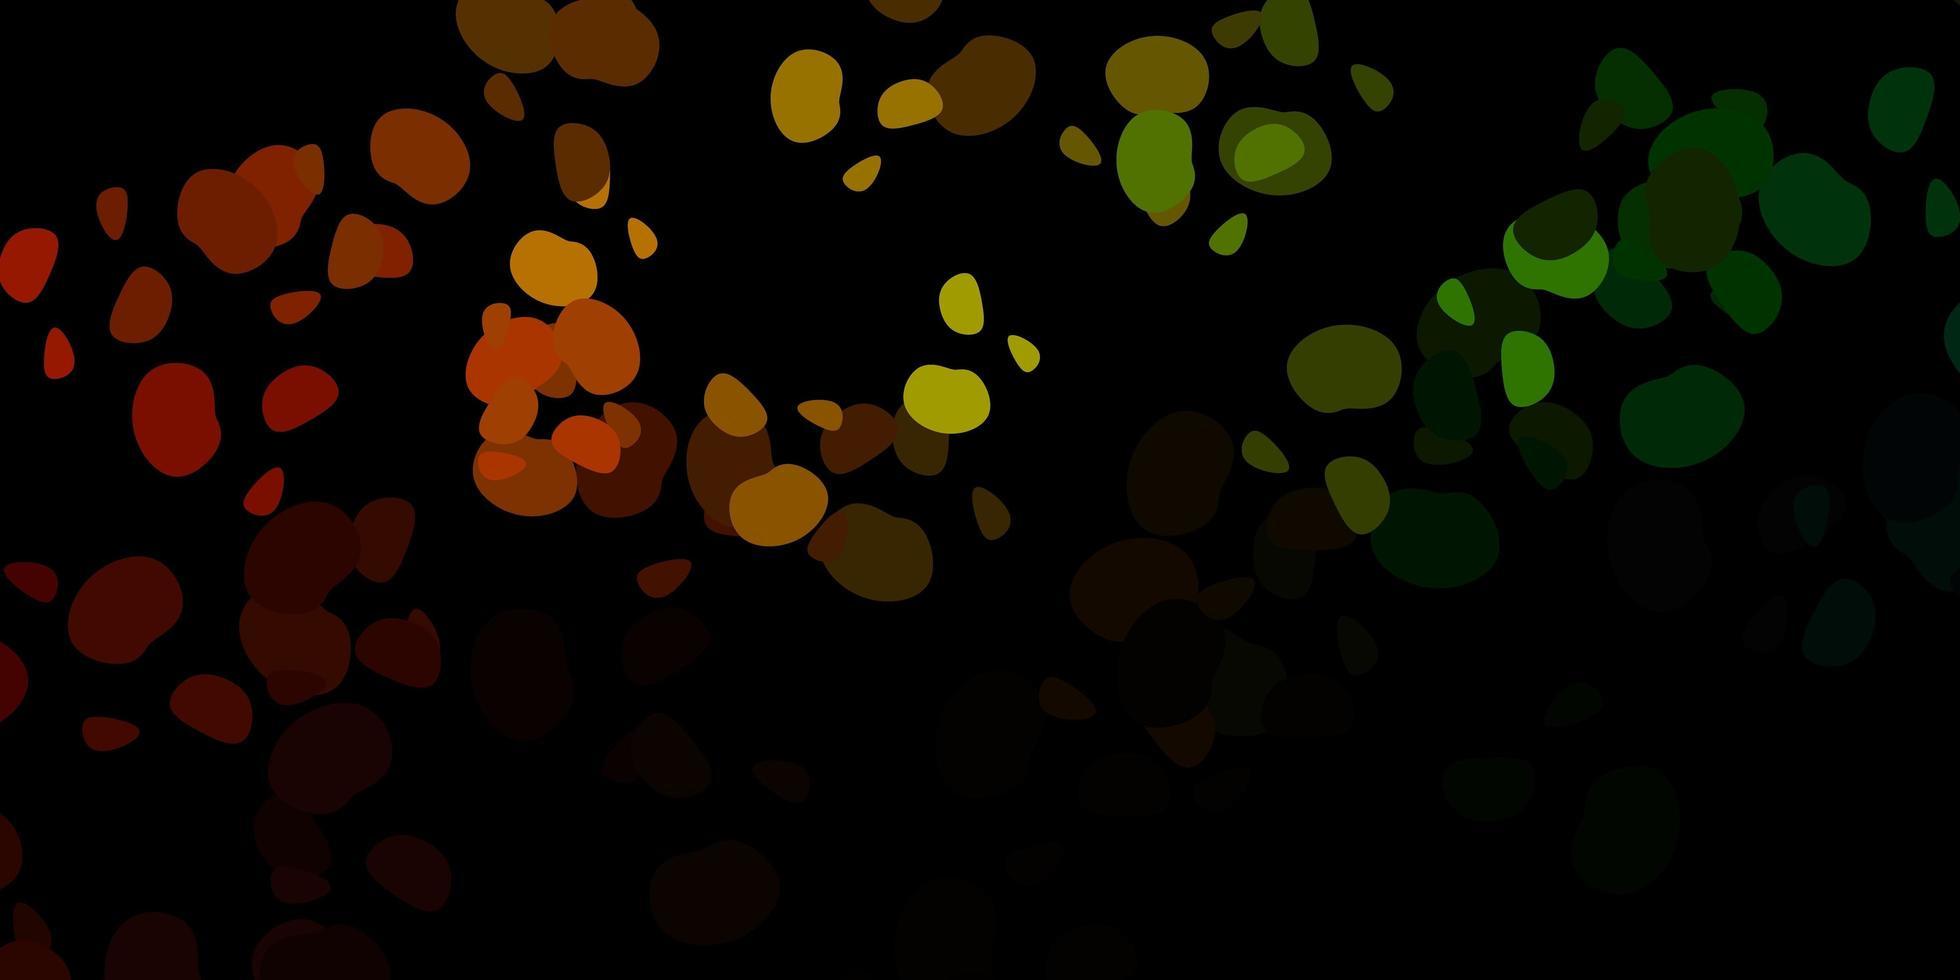 donkergroen, geel vectorpatroon met abstracte vormen. vector